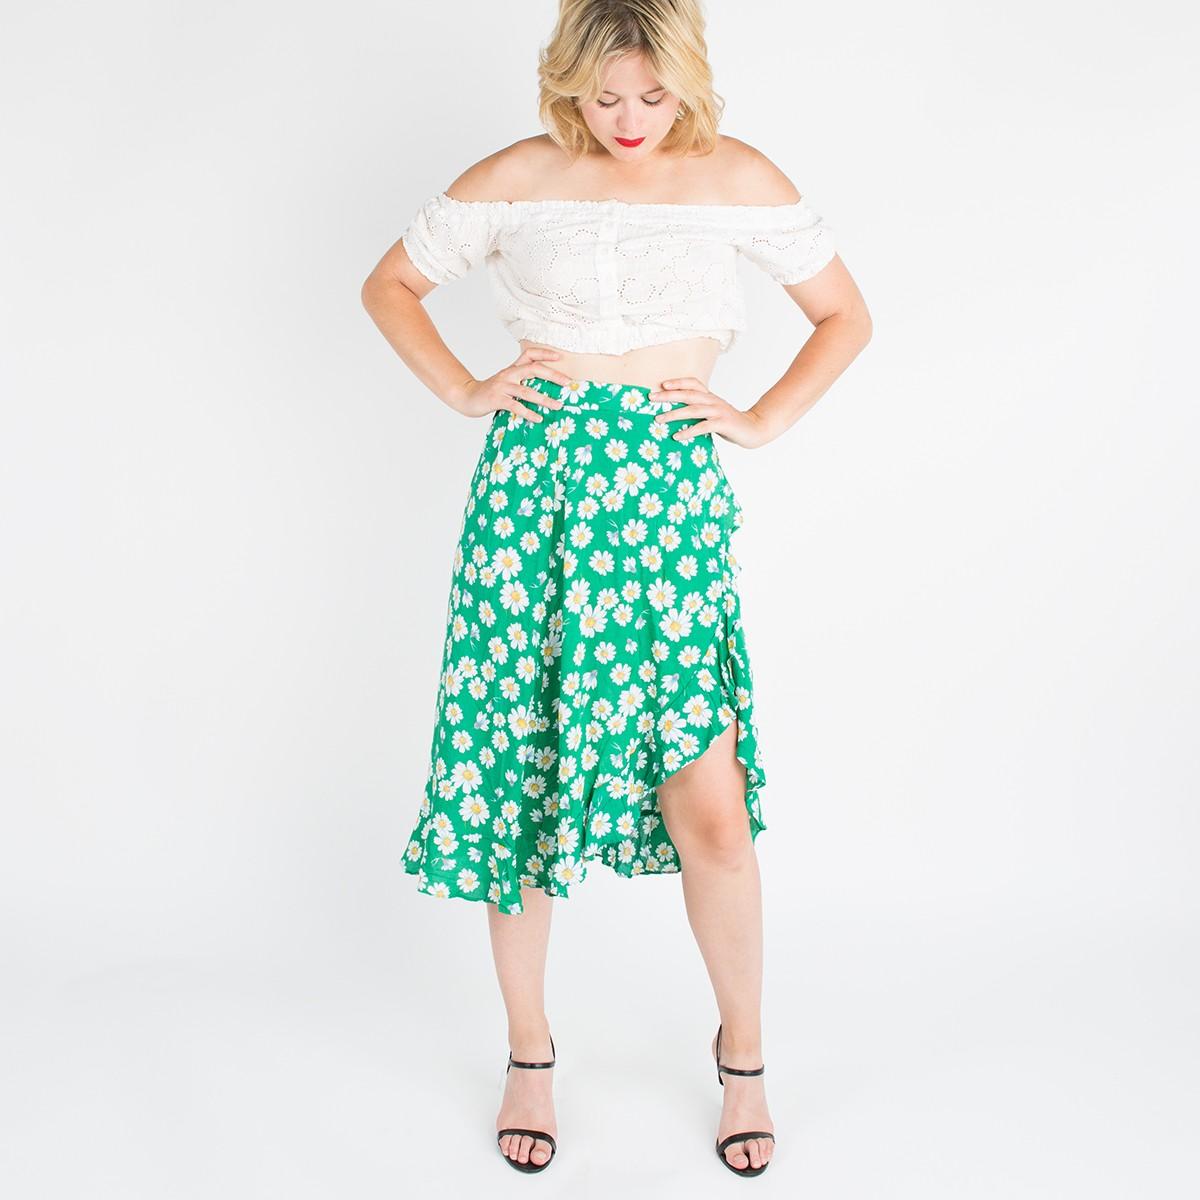 Green daisy skirt